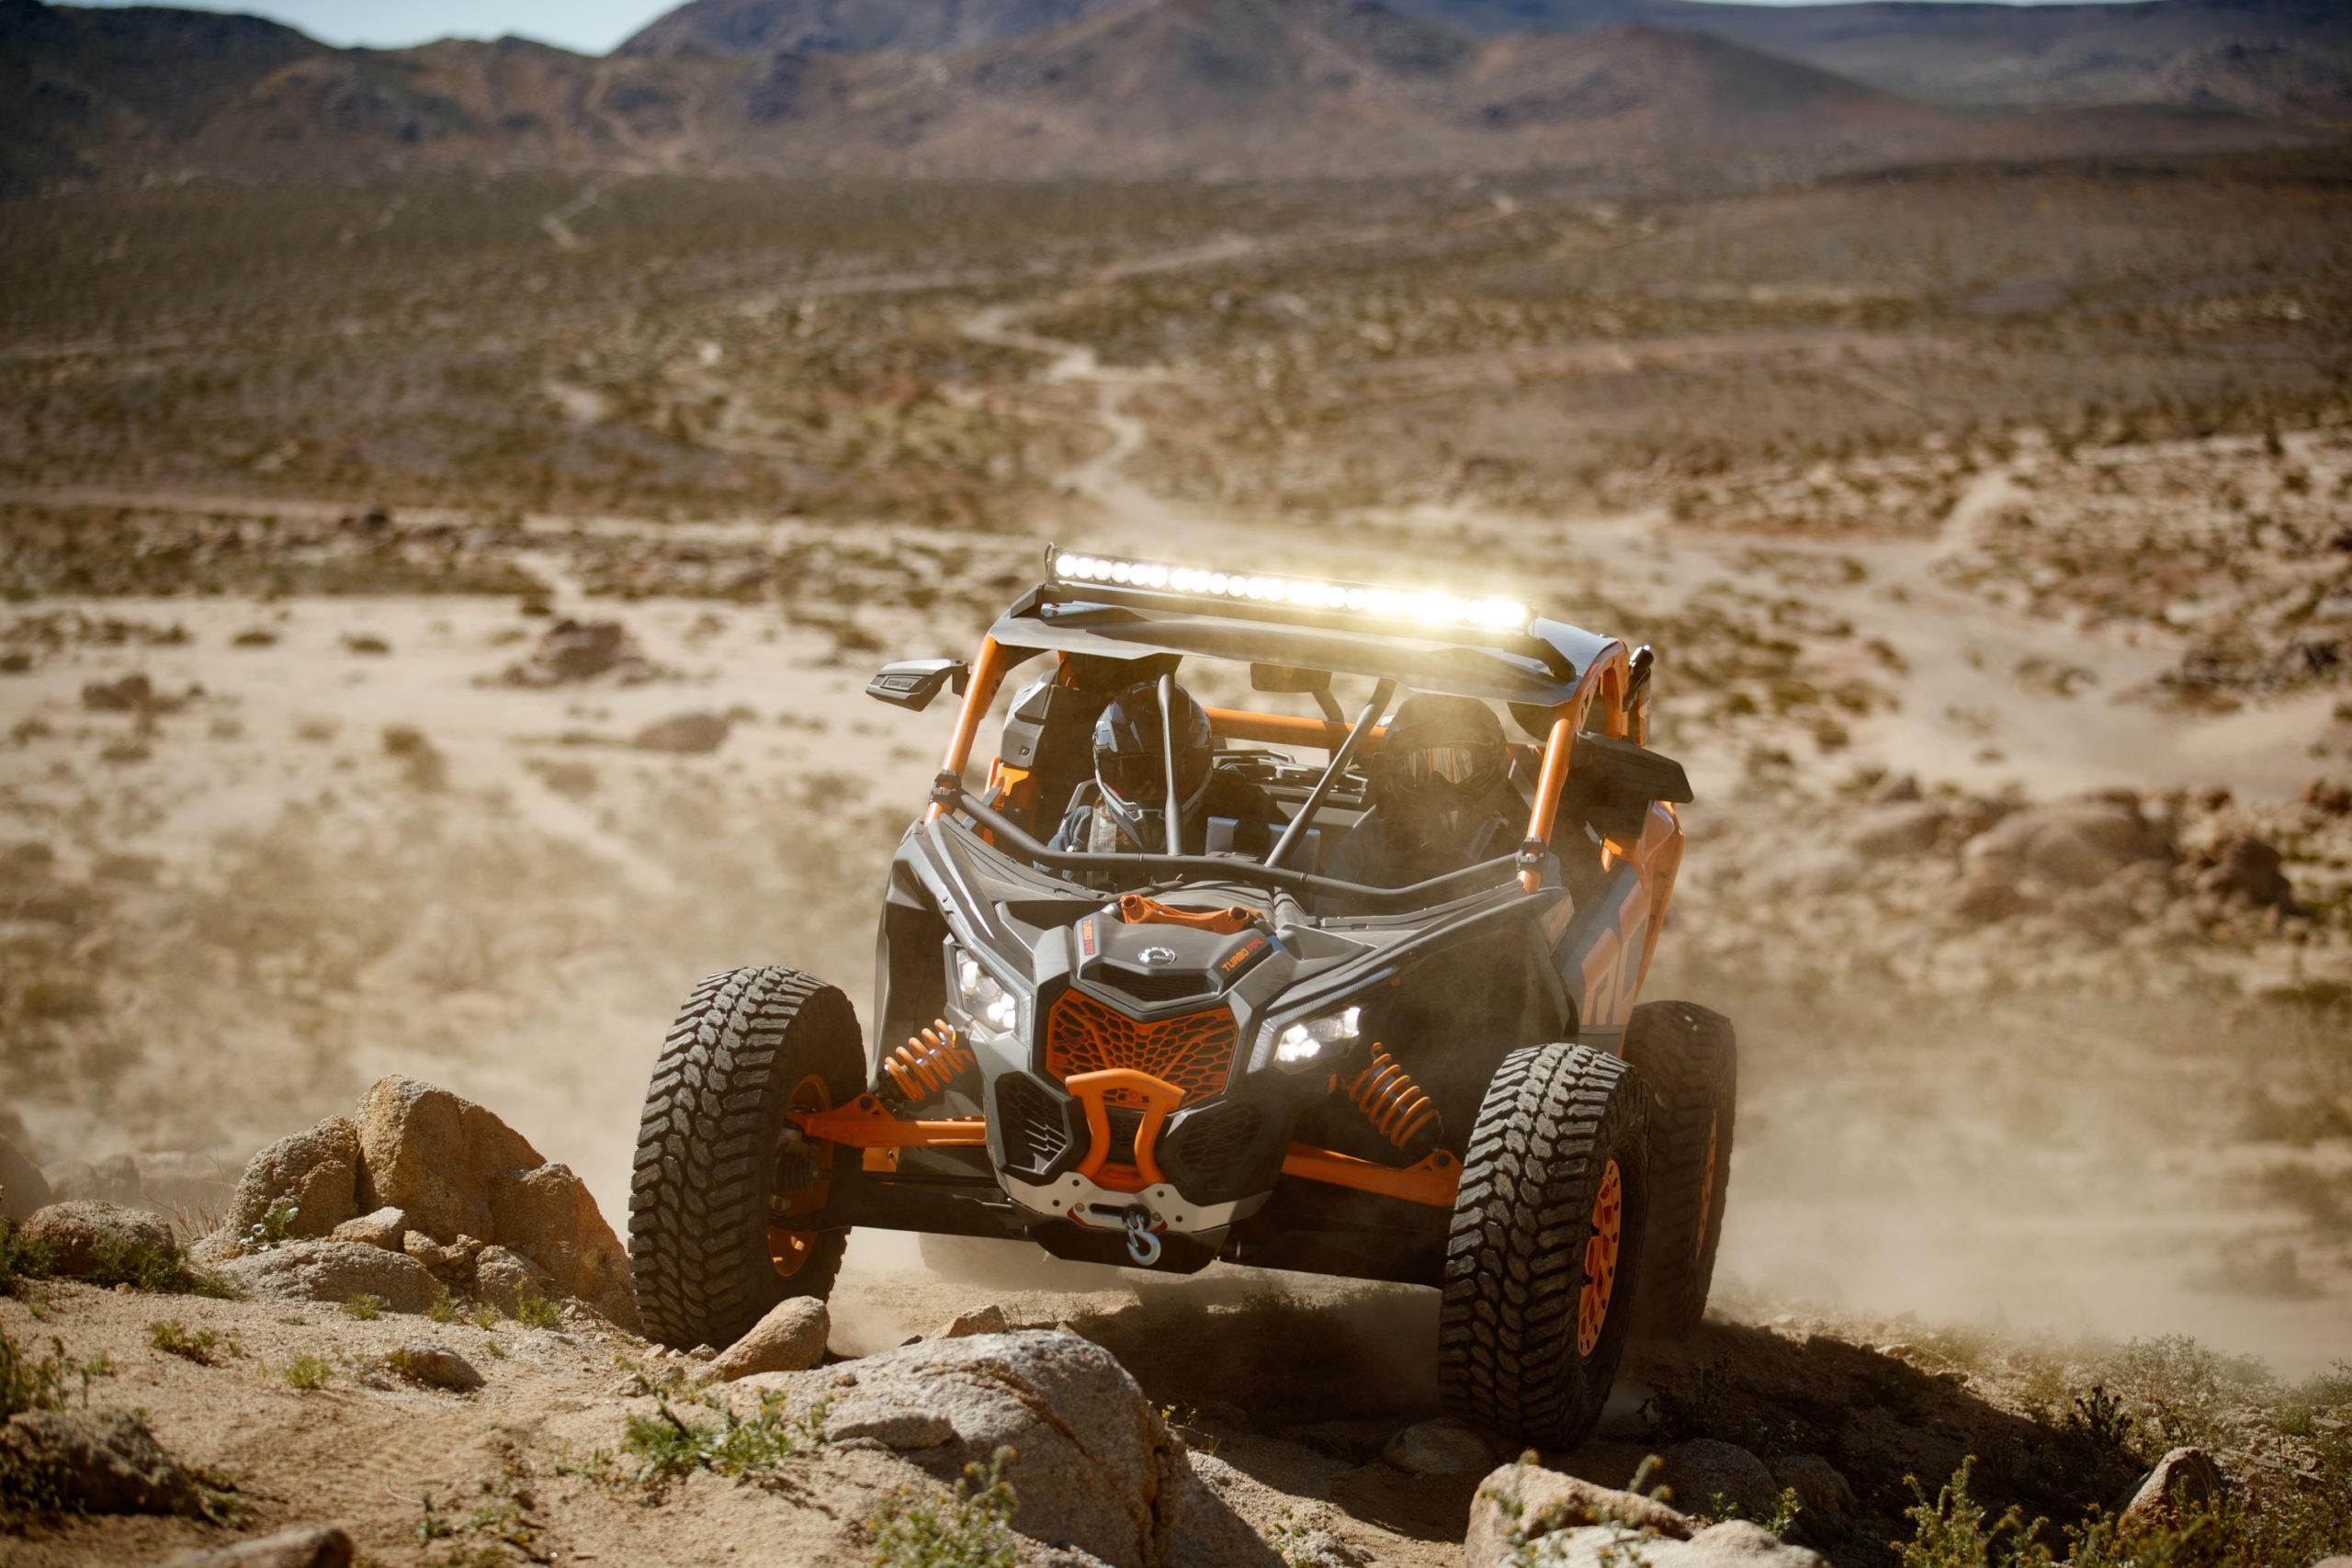 Maverick X3 XRC buggy de Can-am Naranja